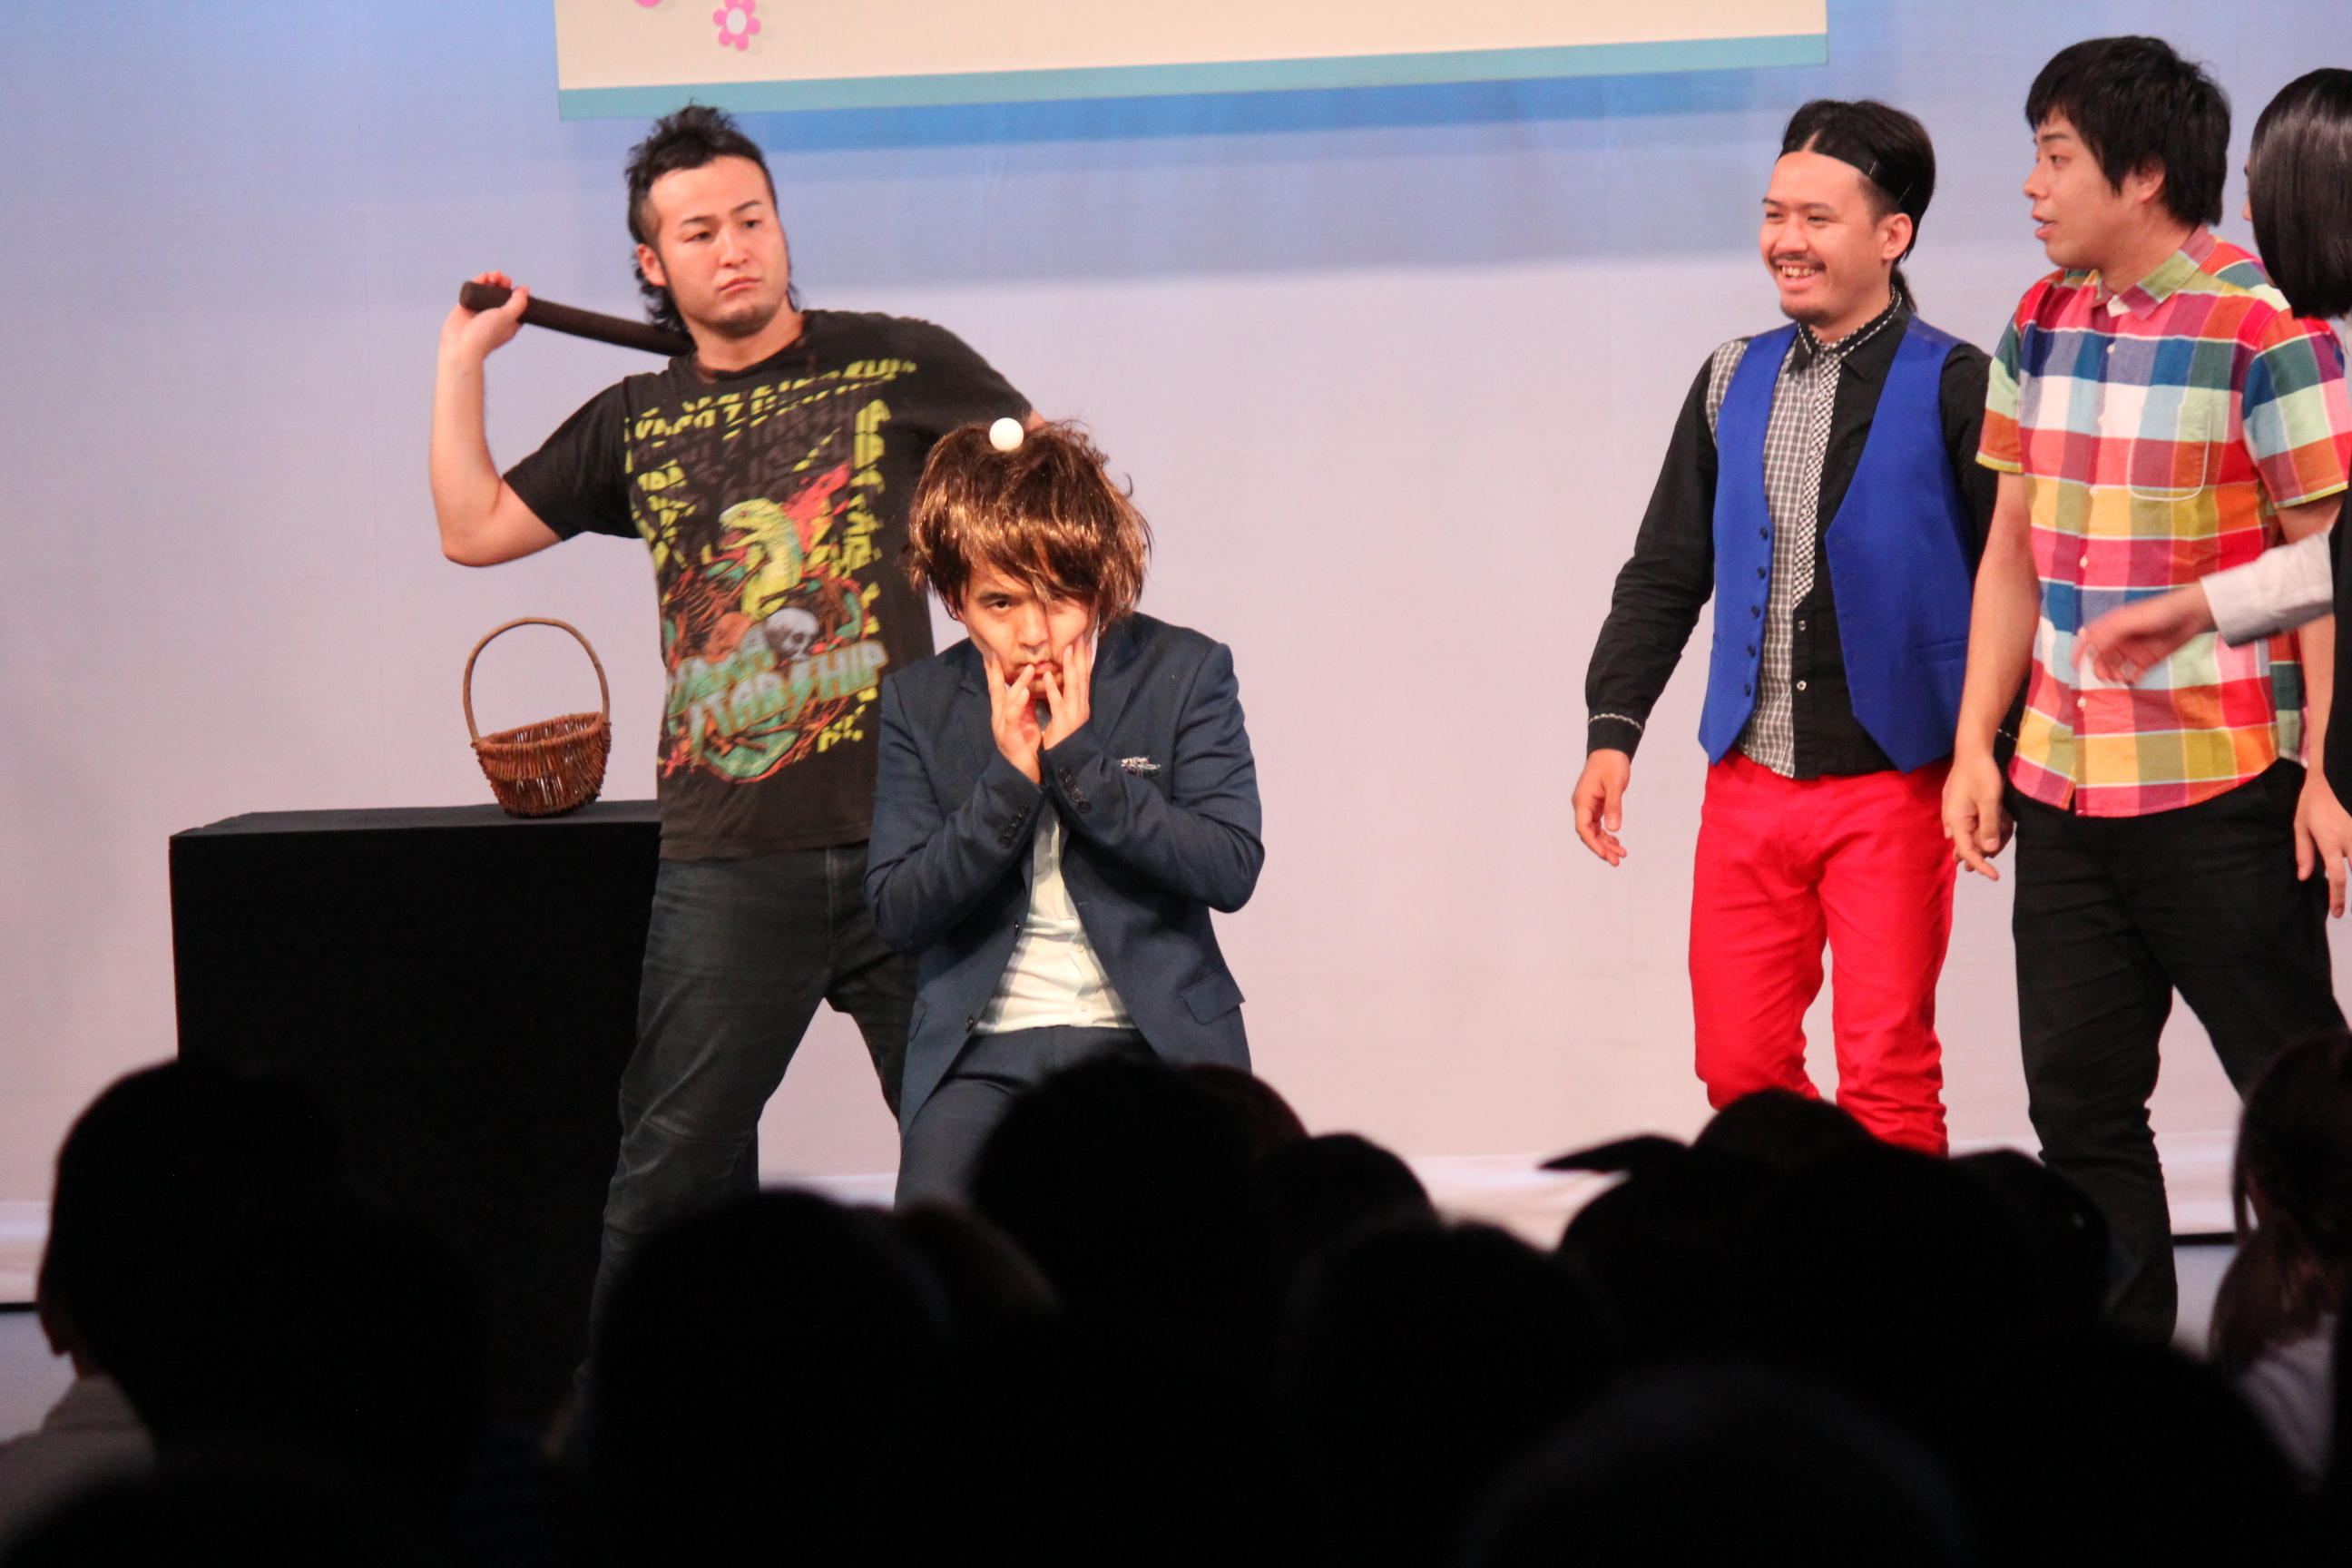 http://news.yoshimoto.co.jp/20151201141846-d674eba6e1f662d717cc372b553a8c2b92fcb1d3.jpg